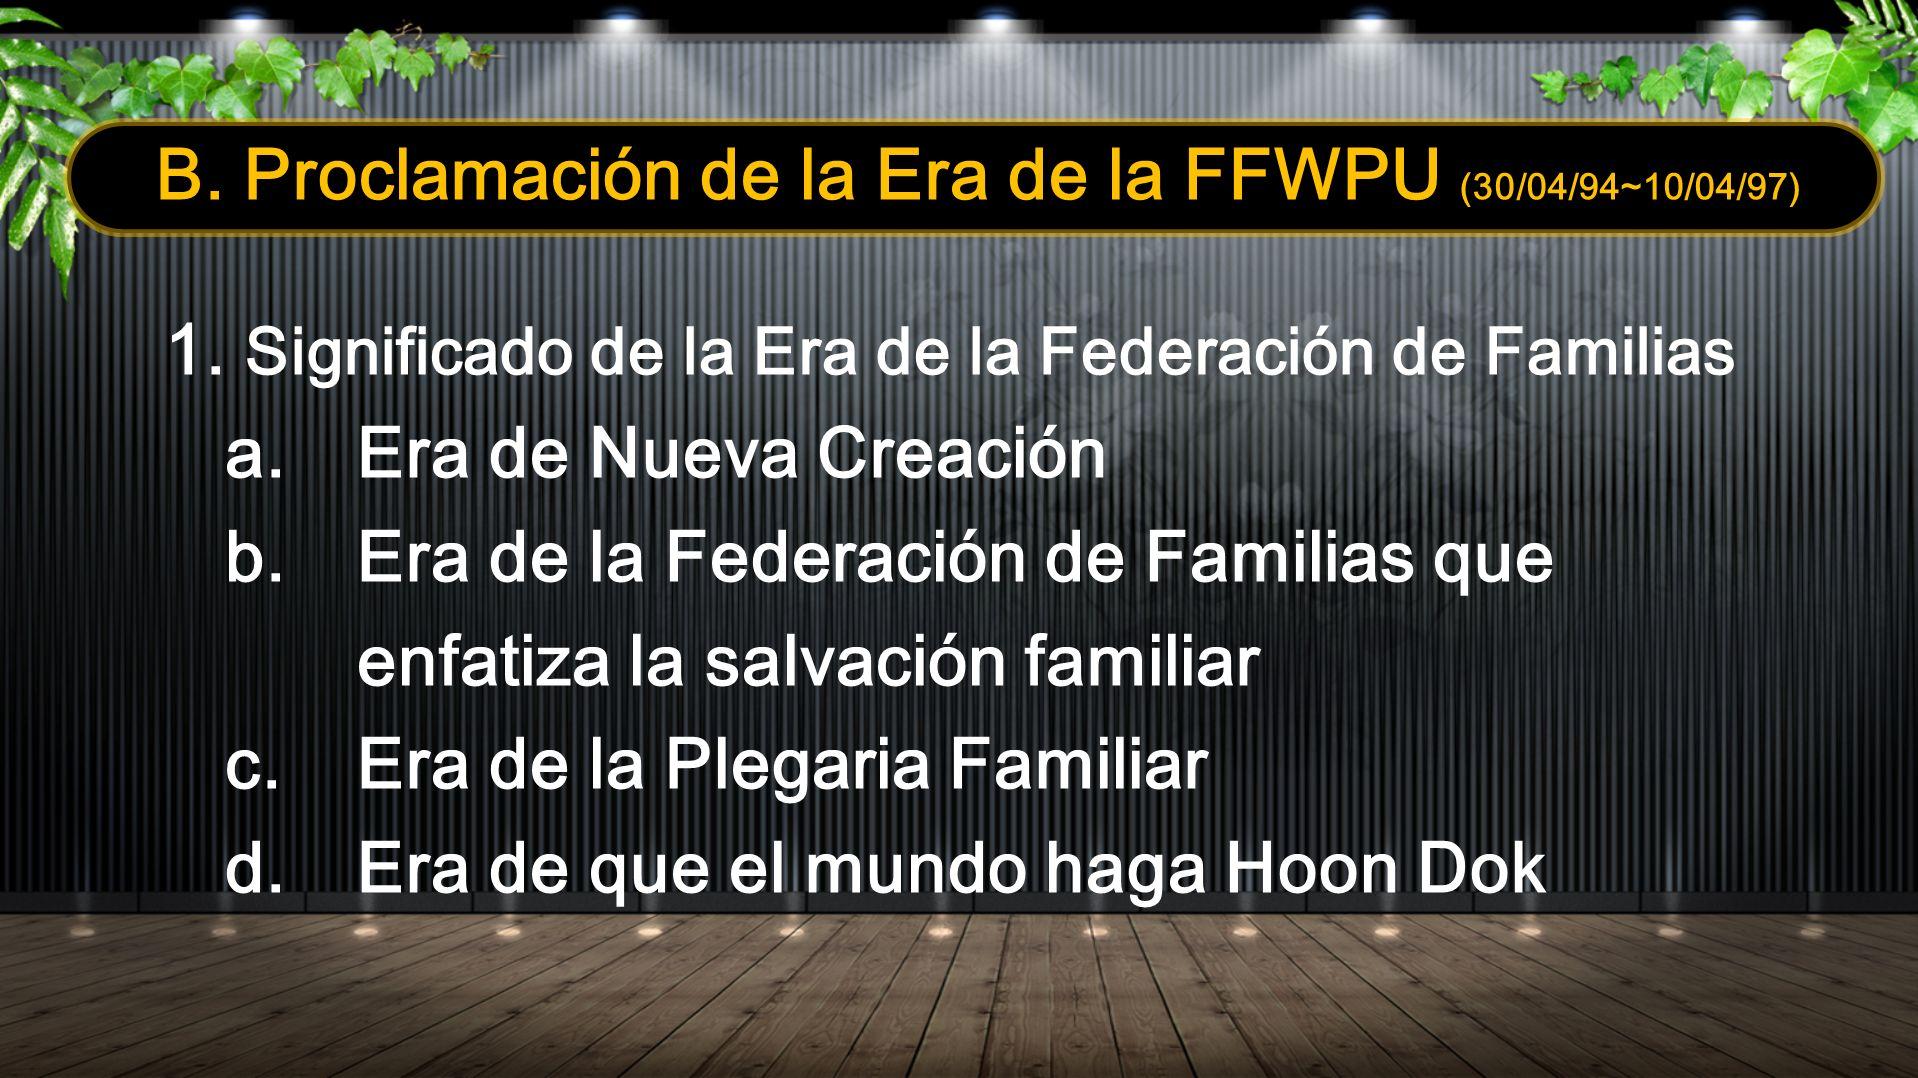 B. Proclamación de la Era de la FFWPU (30/04/94~10/04/97)